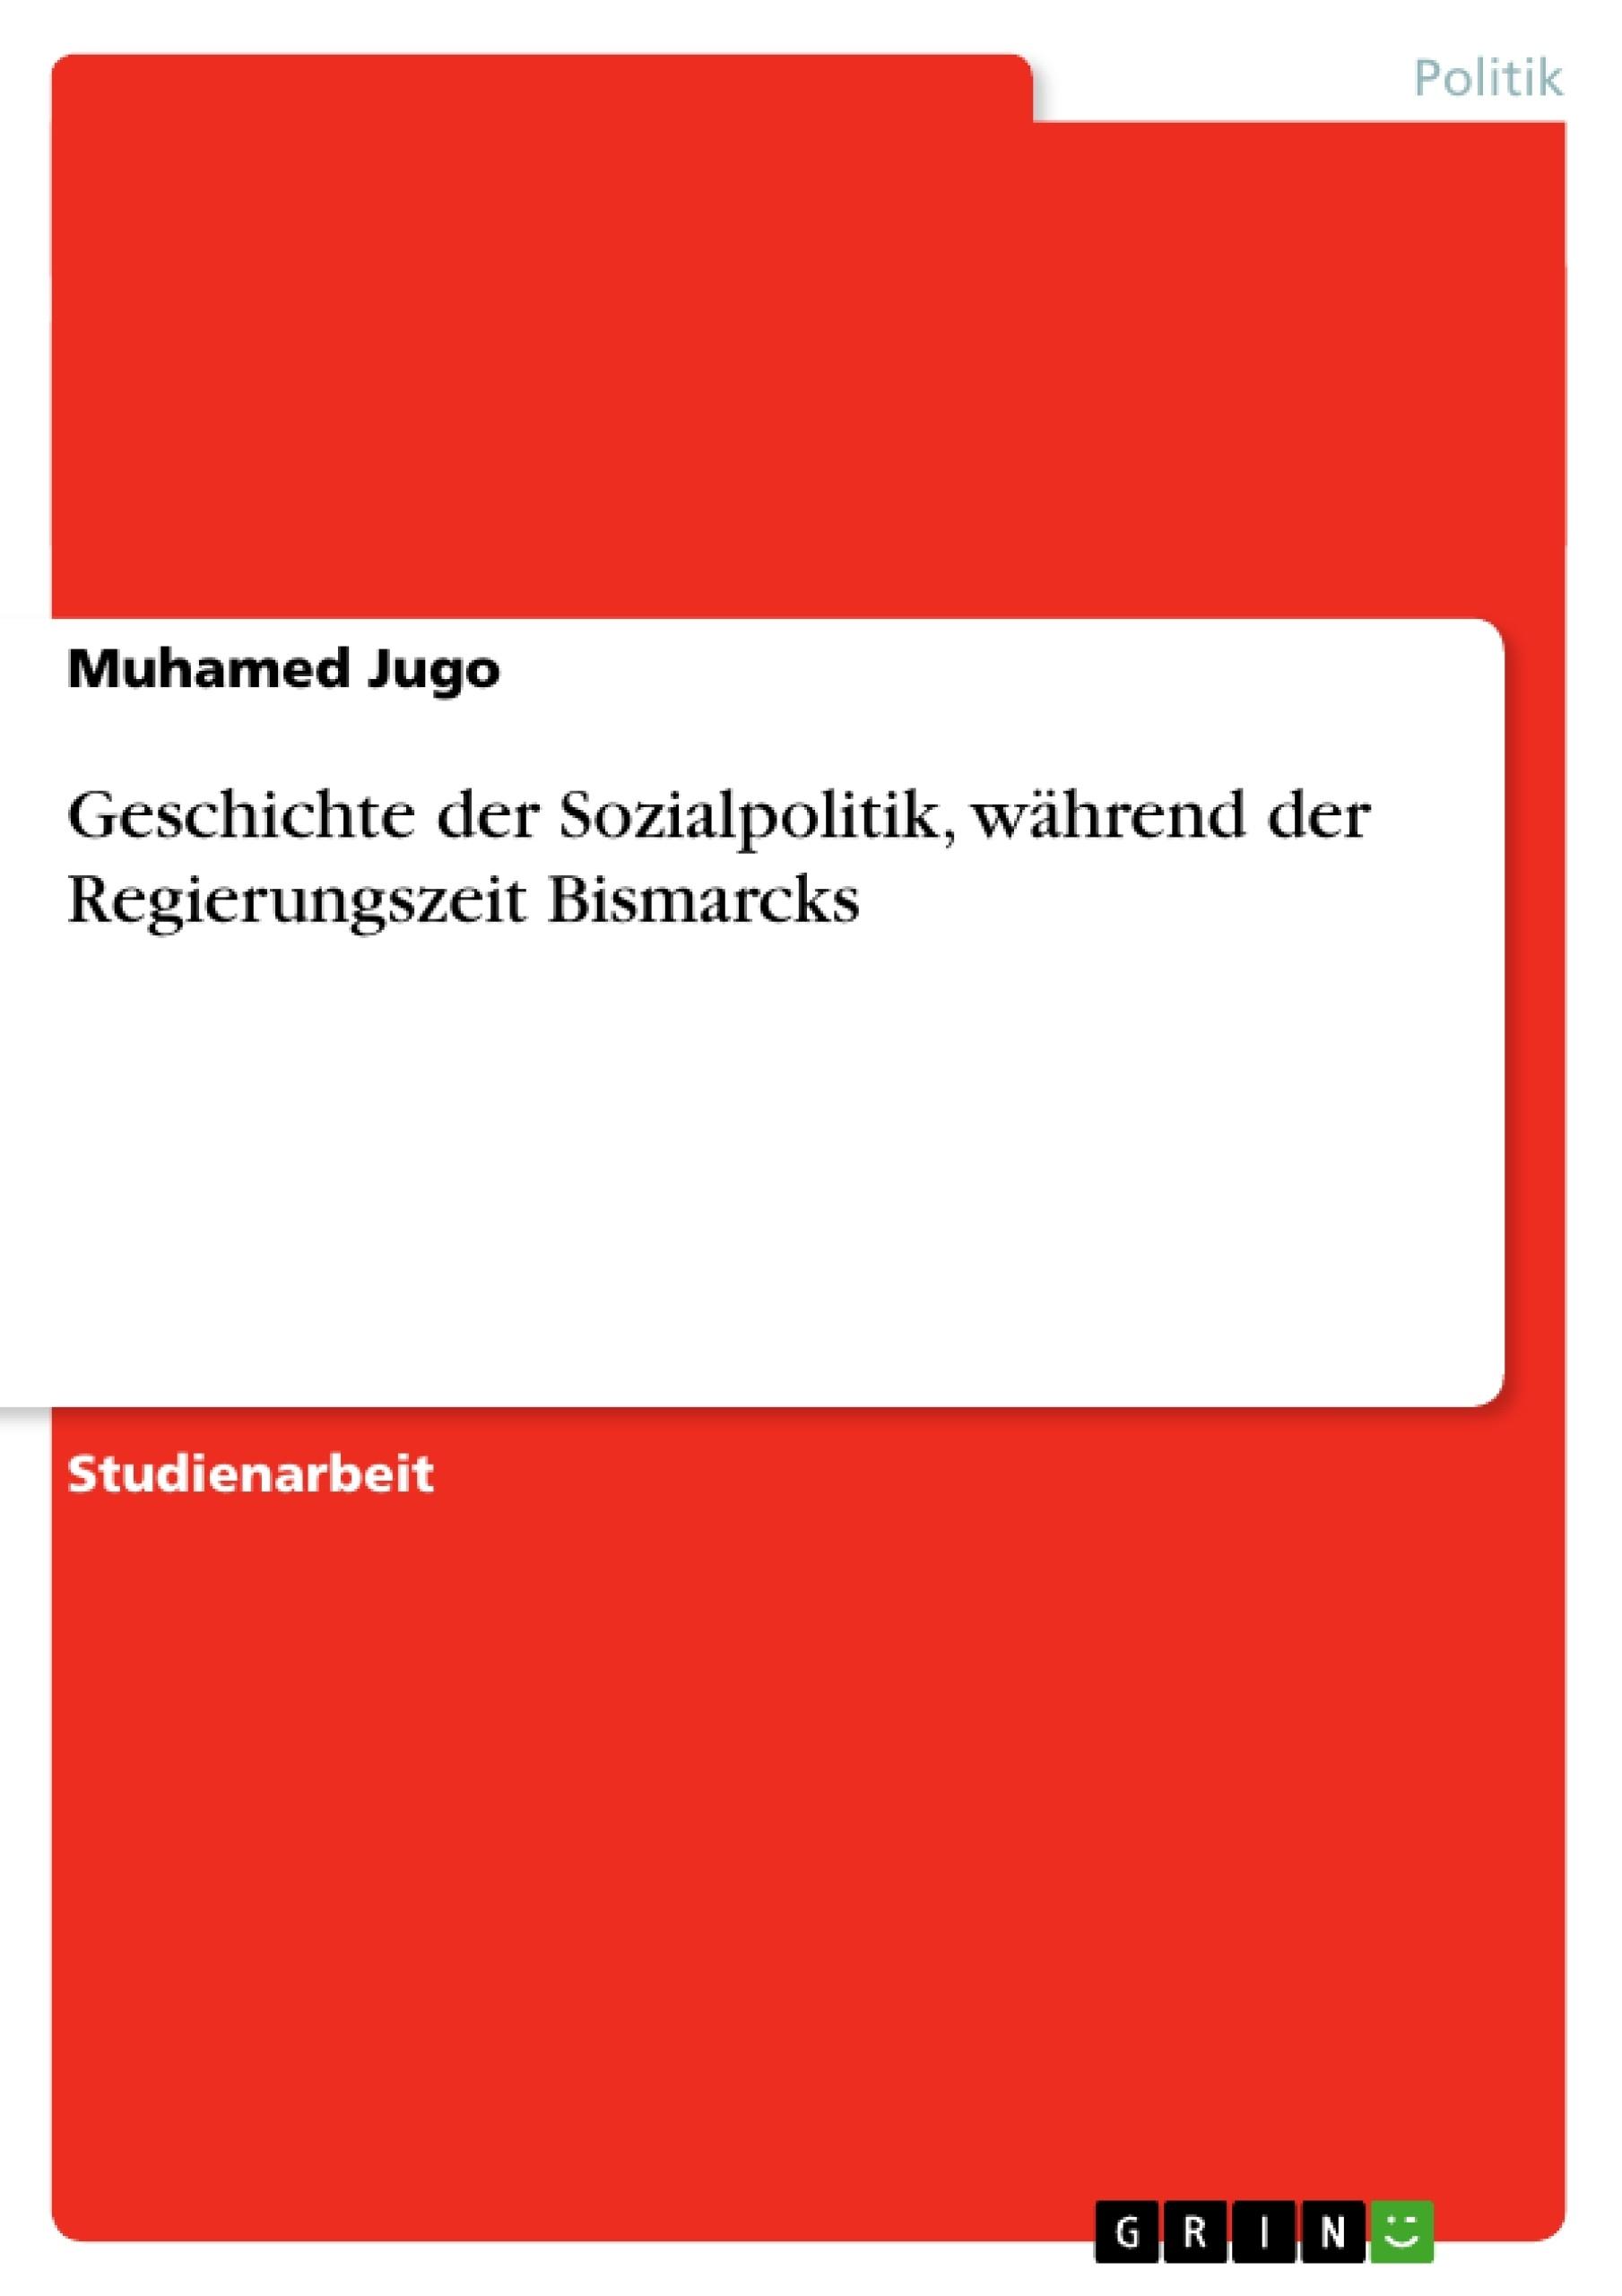 Titel: Geschichte der Sozialpolitik, während der Regierungszeit Bismarcks